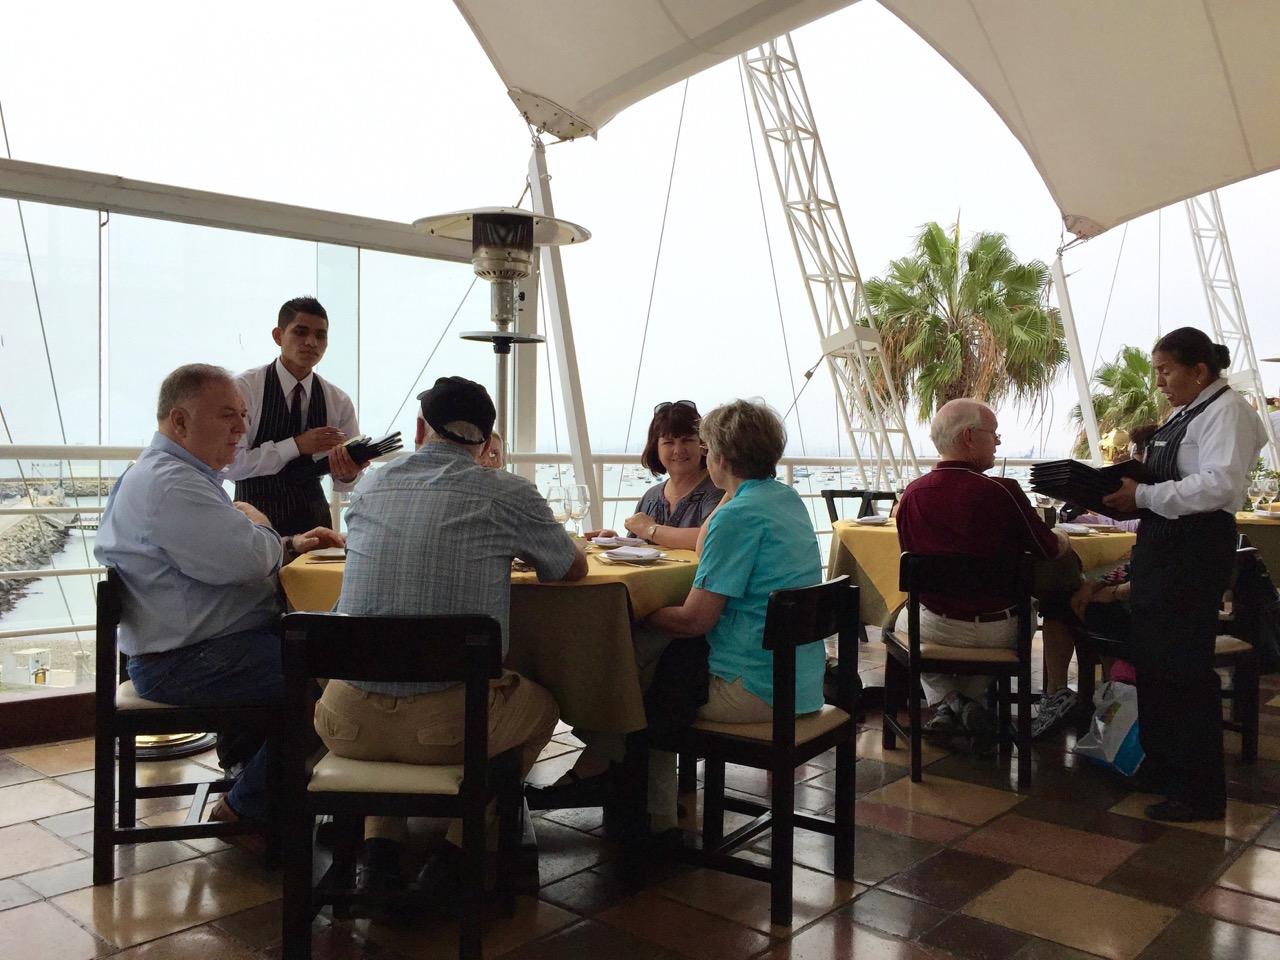 El Mirador restaurant at La Punta Marina